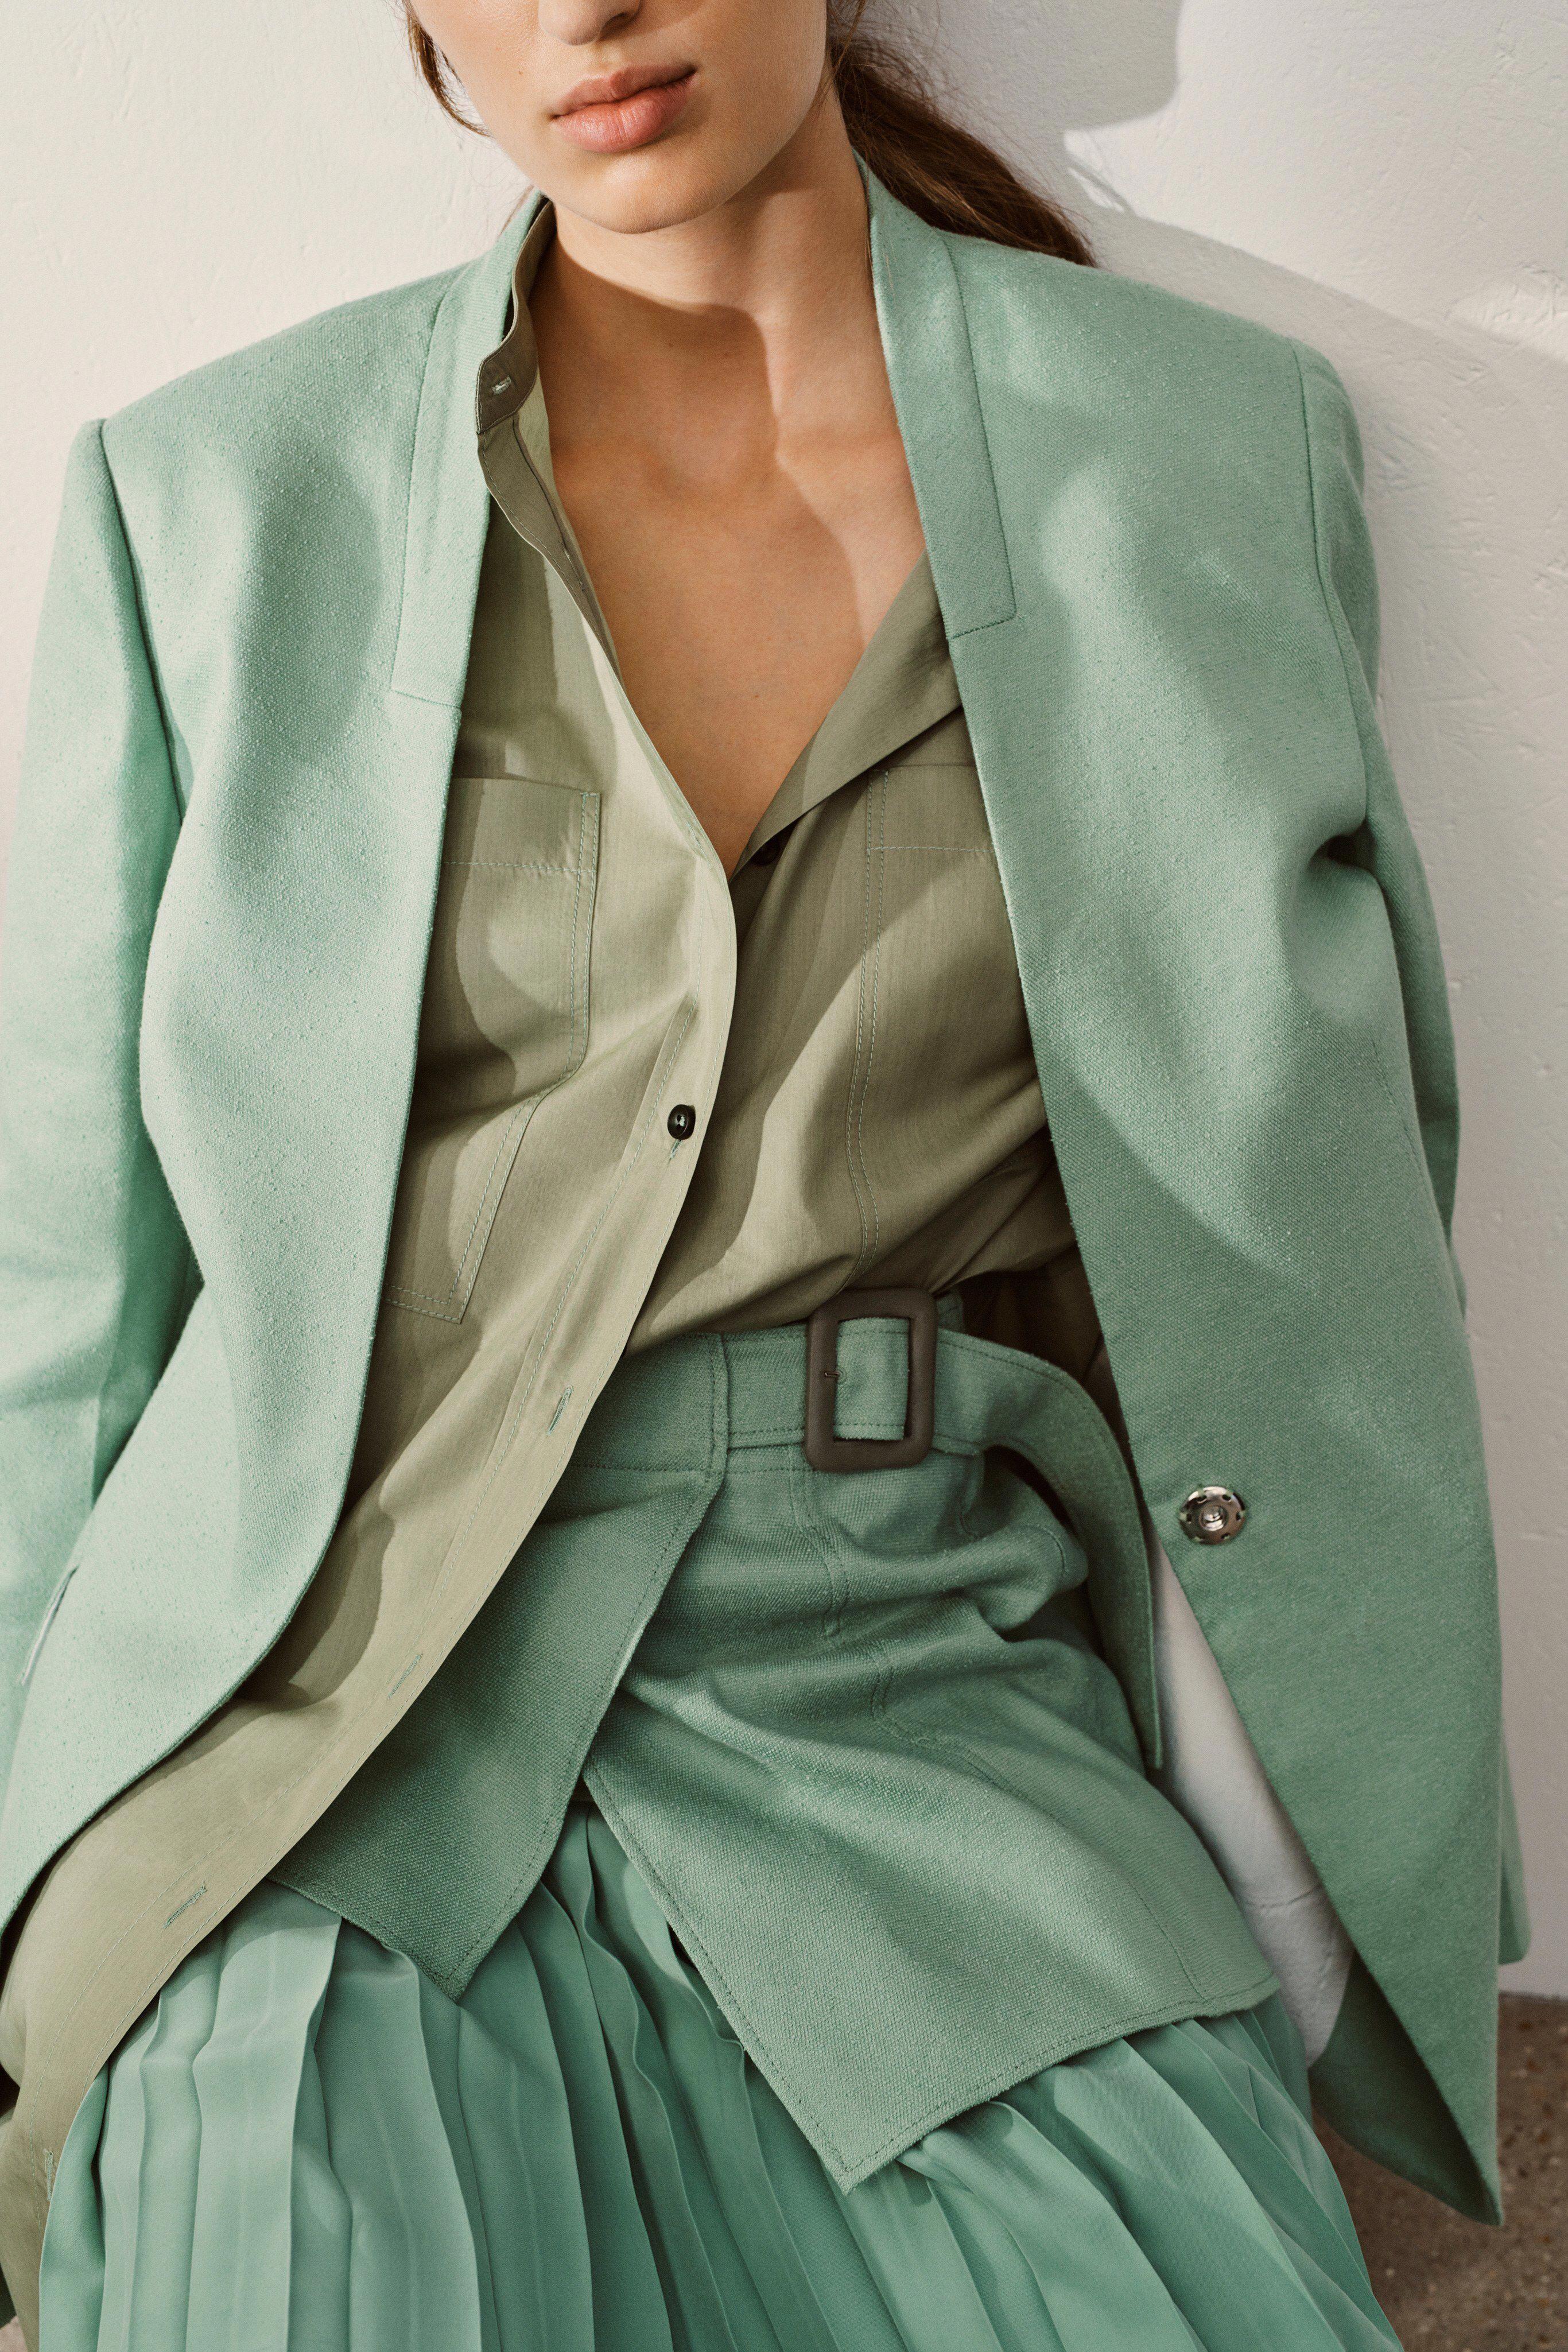 Gió mùa về, bạn hãy sắm ngay một chiếc áo blazer màu pastel hot hit năm nay 9